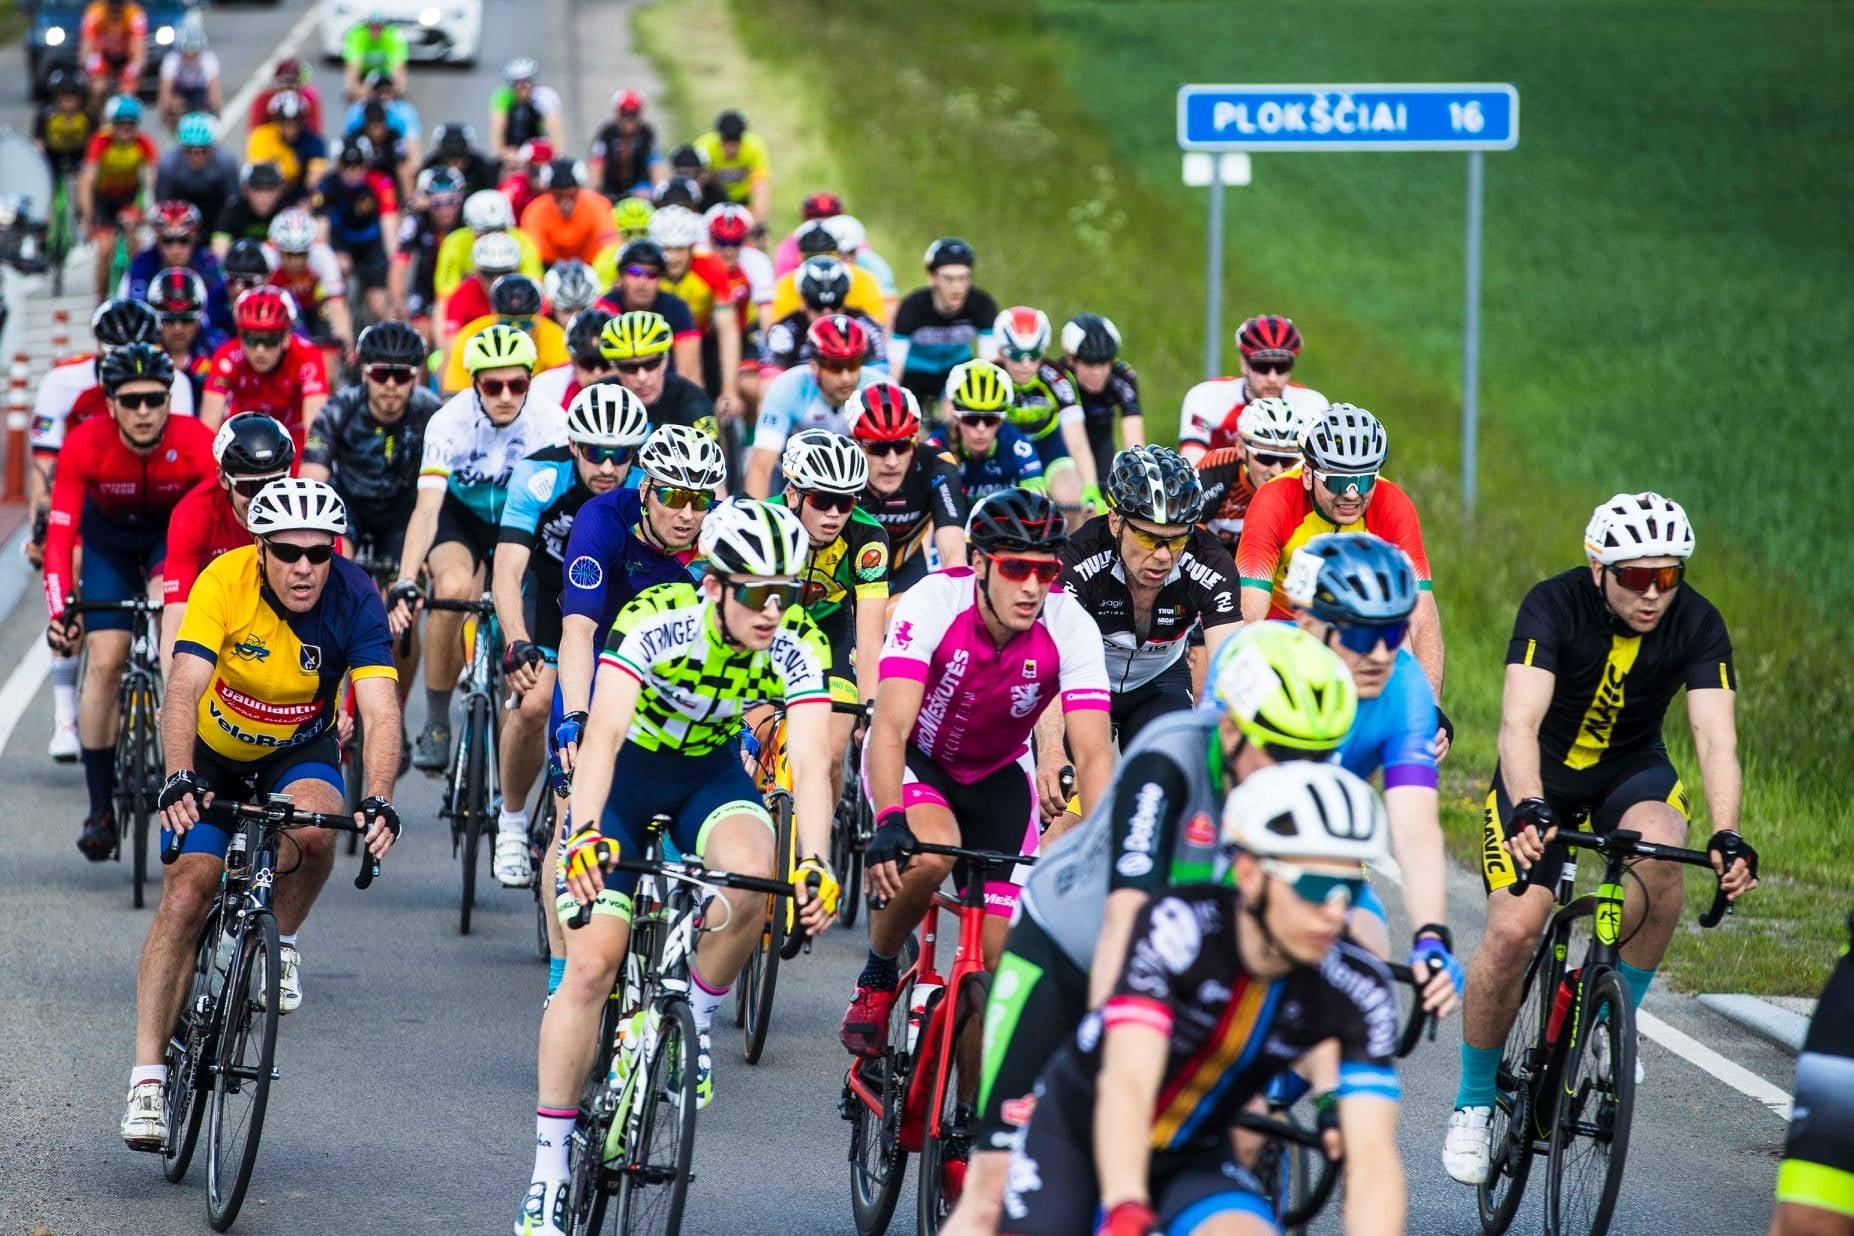 Dviračių lenktynės Šakių rajone